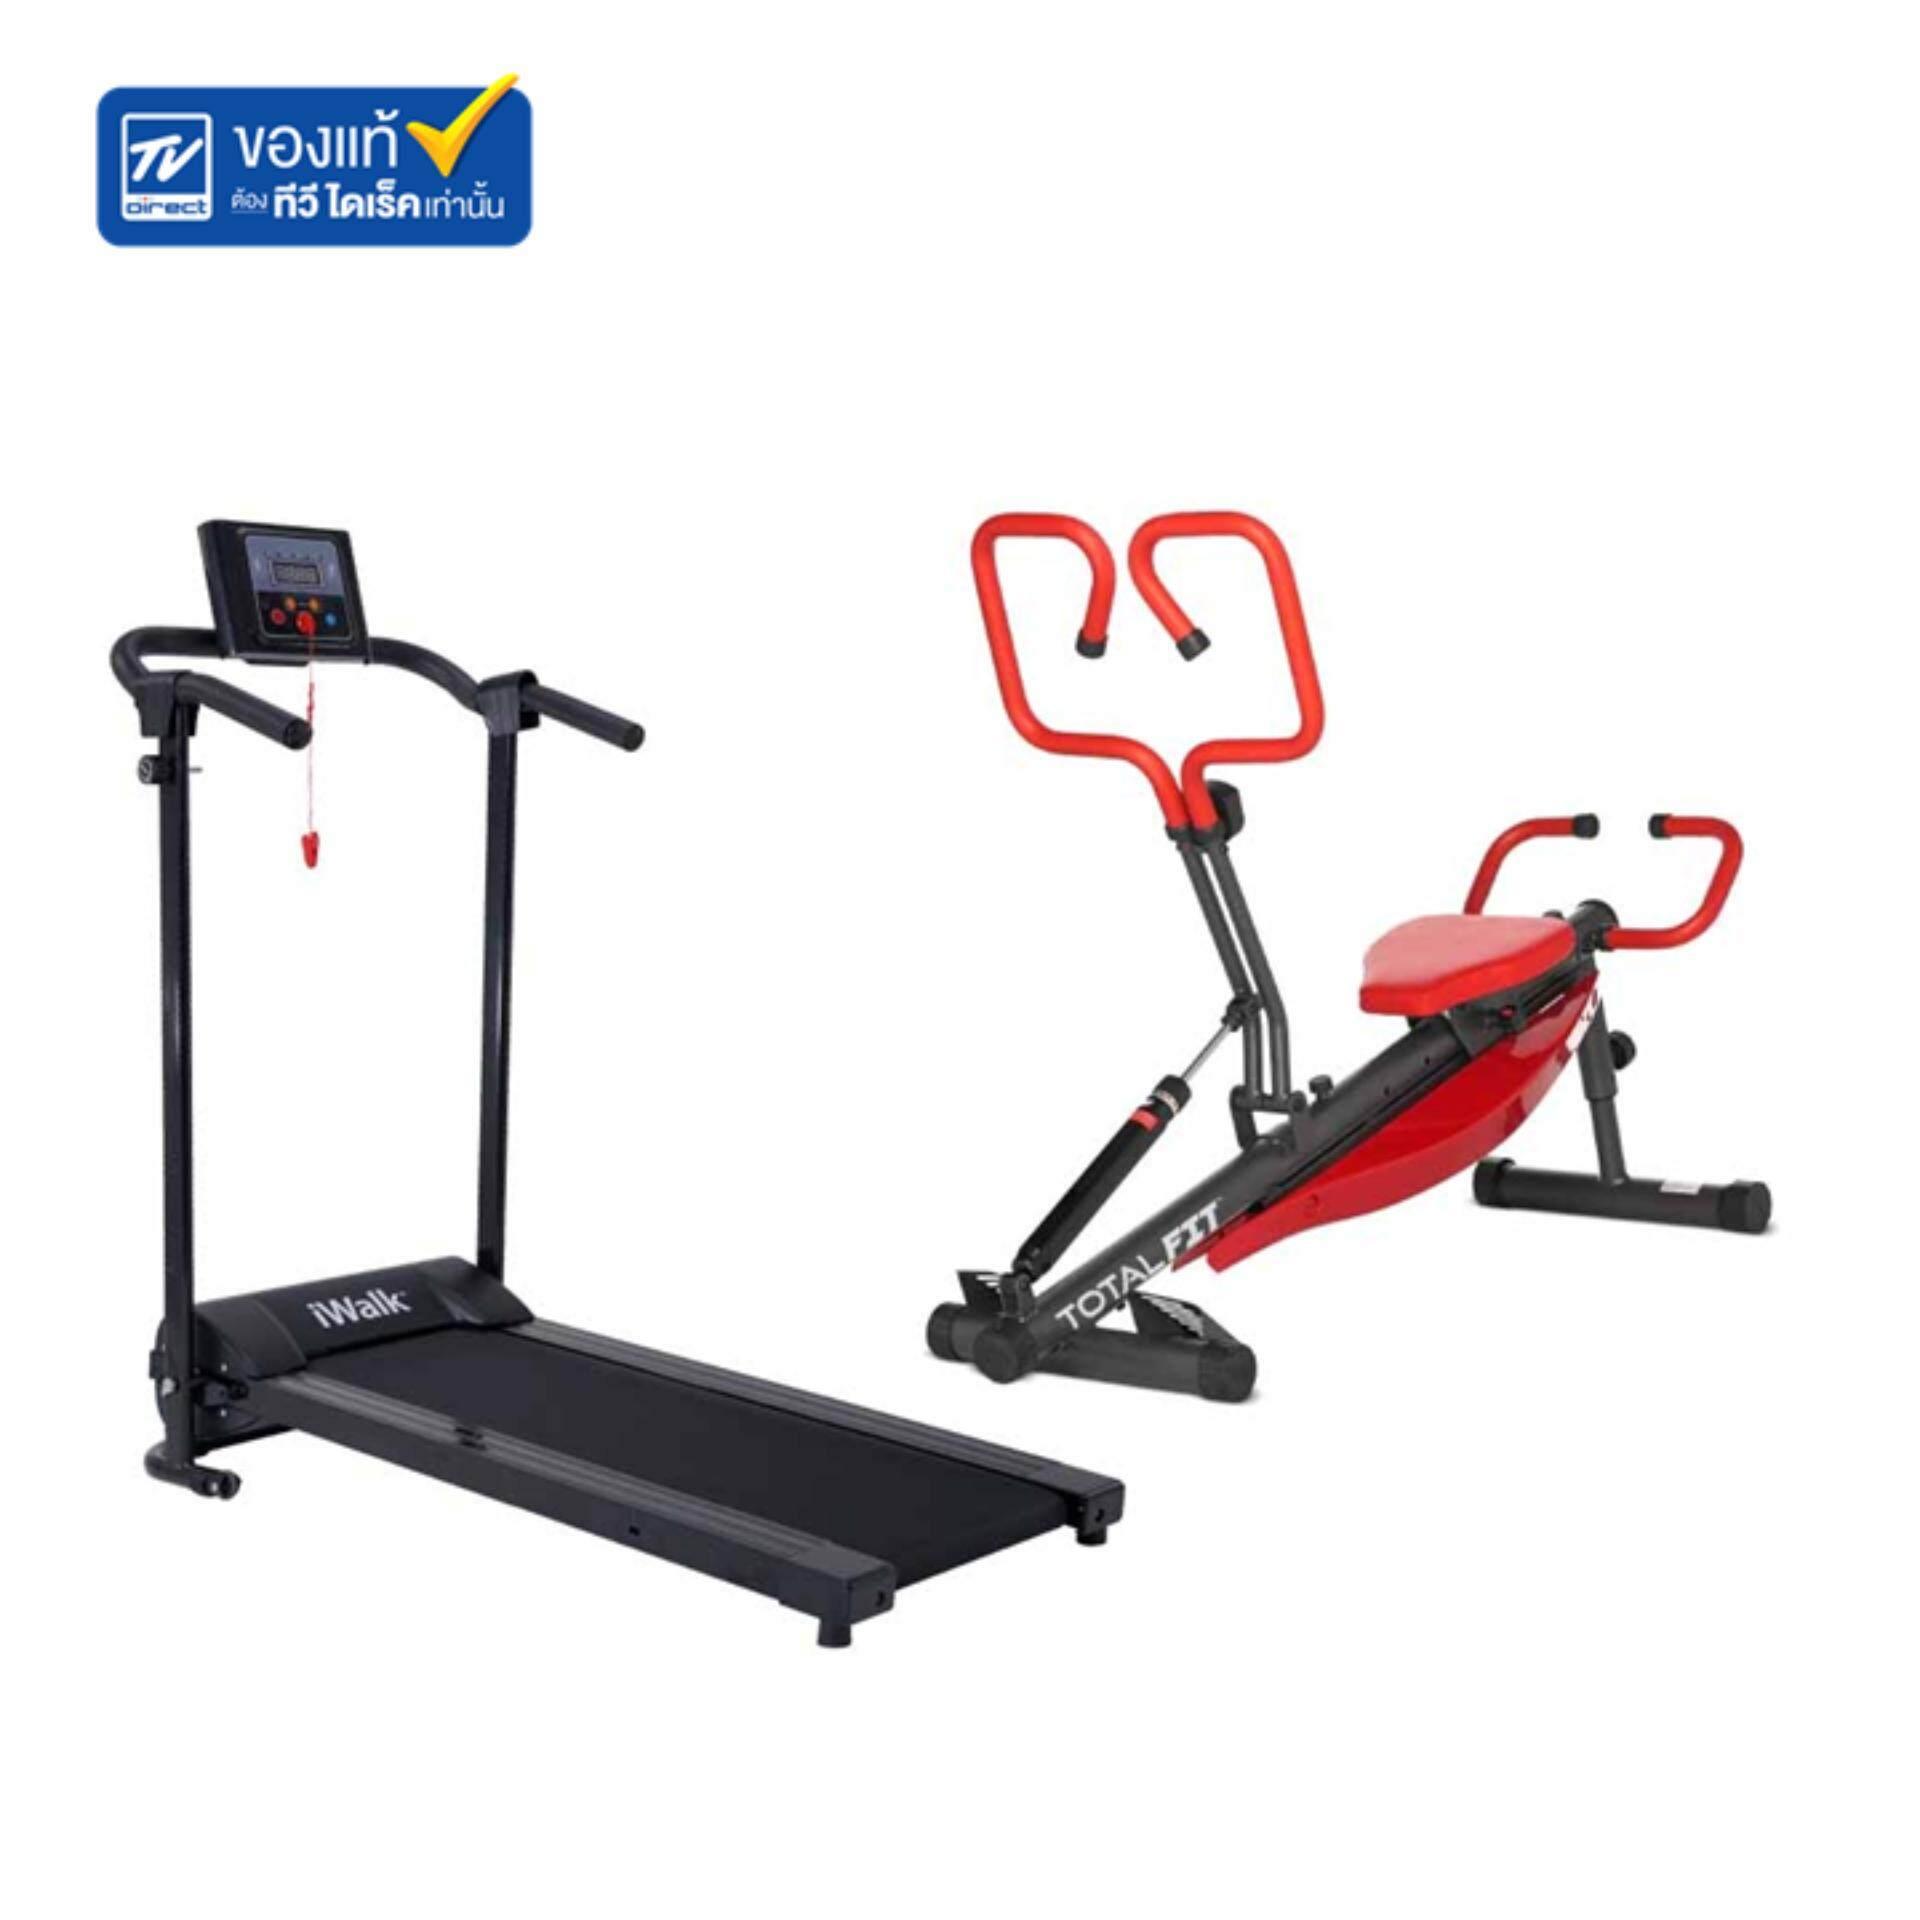 สุดยอดสินค้า!! TVDirect  I Walk Treadmill  E318Z Black e ลู่บริหาร สีดำ + Total Fit เครื่องออกกำลังกายกรรเชียงบก